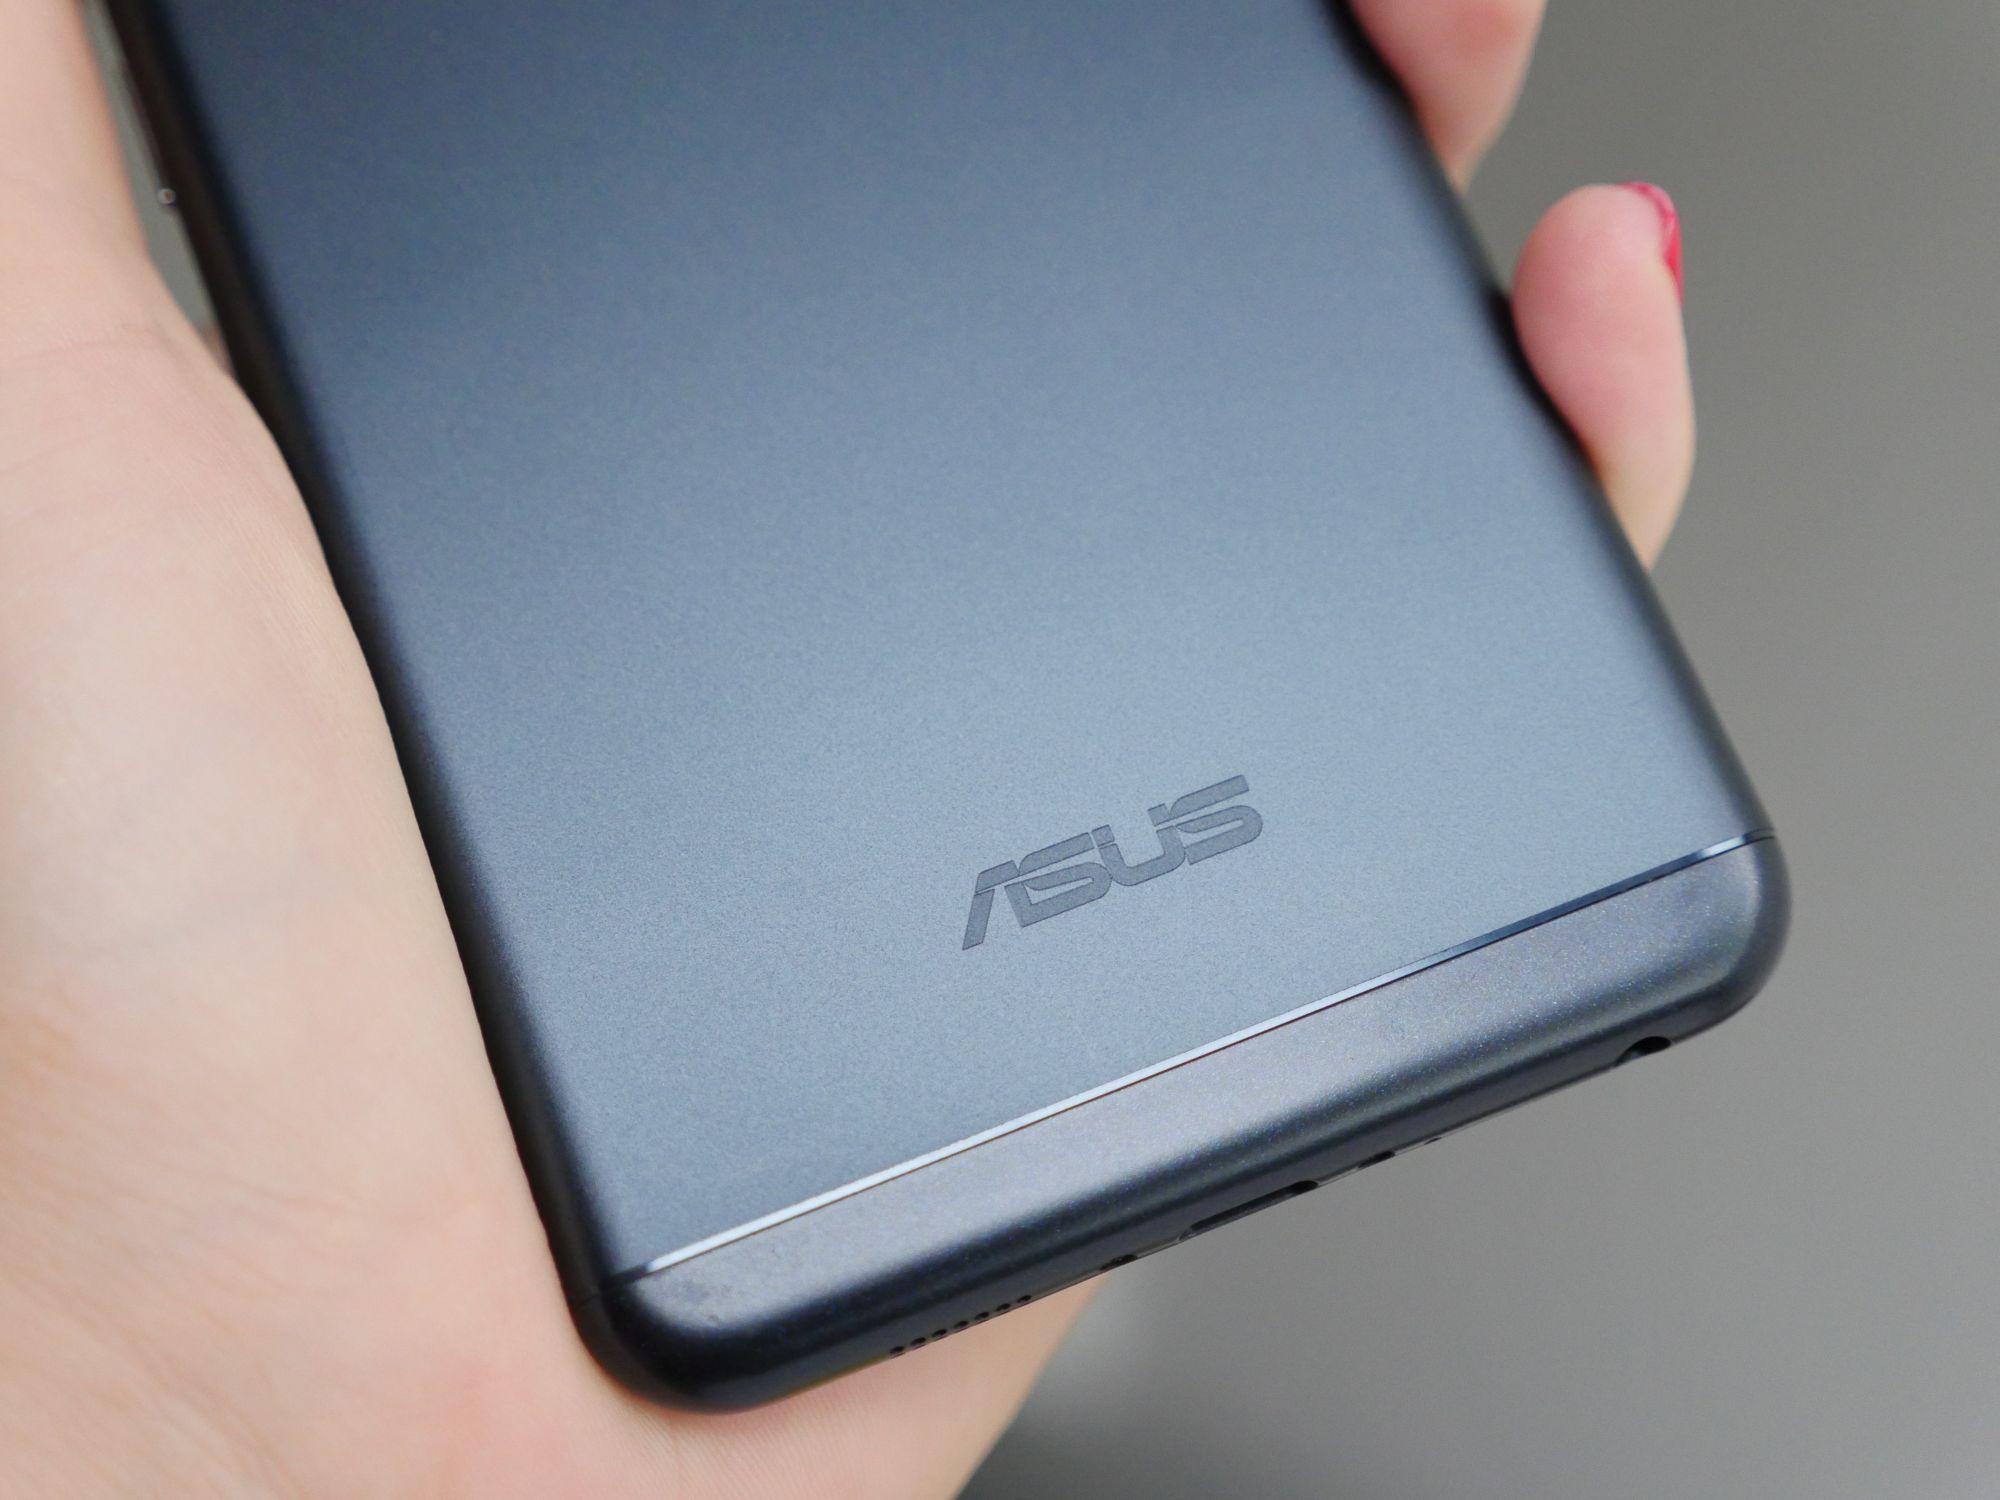 Tabletowo.pl W skrócie: Asus ZenFone 5 z wycięciem w ekranie, Samsung Galaxy S9+ w kolorze Blue Coral na renderze Android Asus Plotki / Przecieki Samsung Smartfony W skrócie